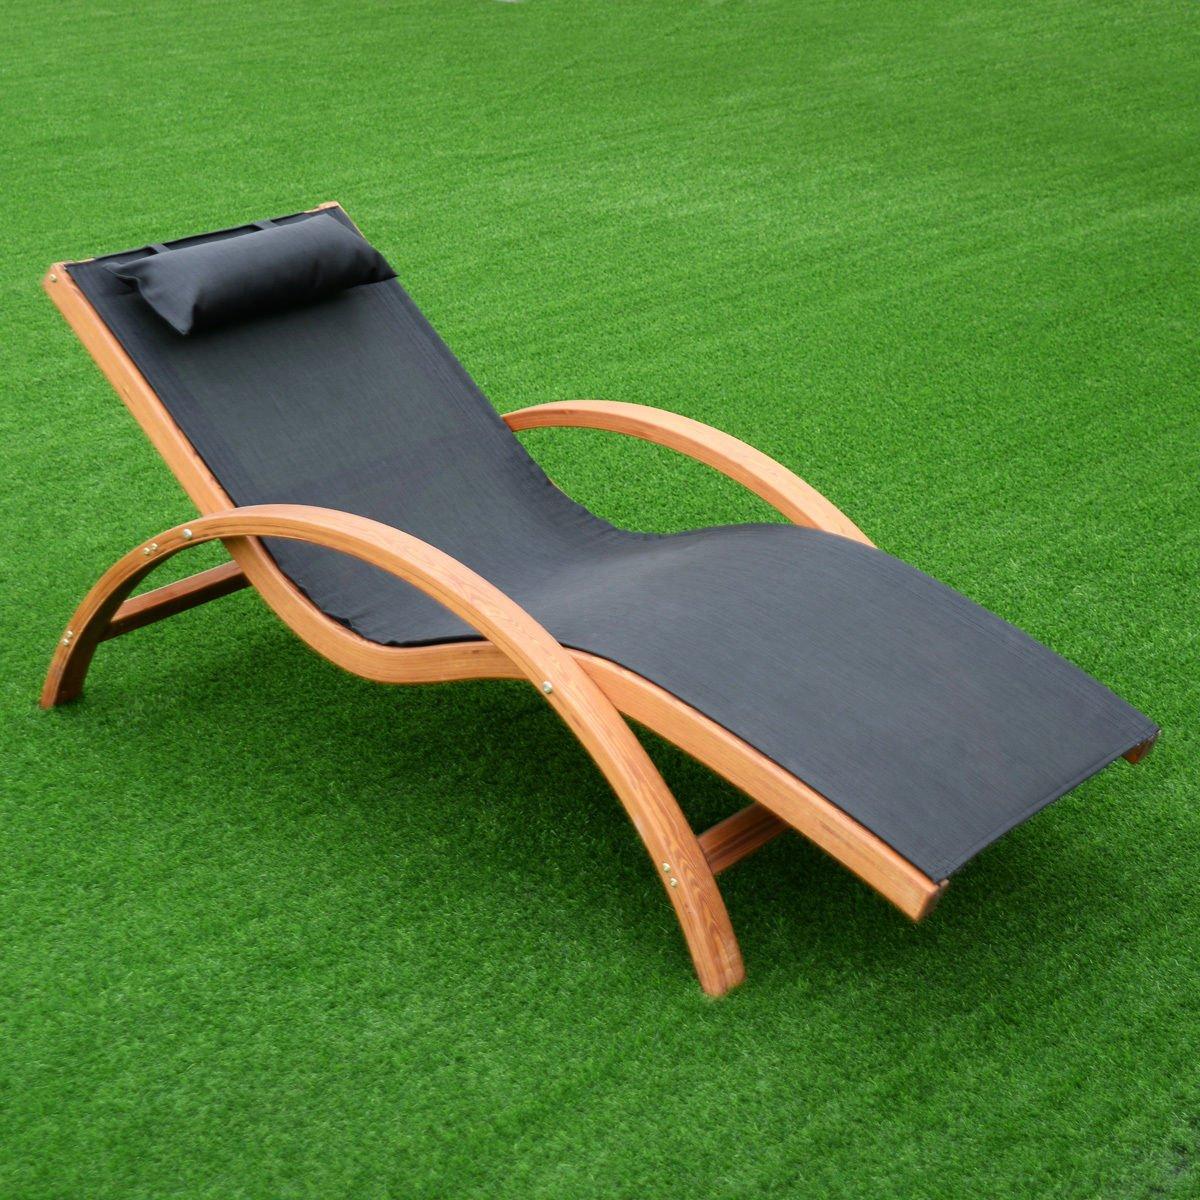 Amazon.com: salones nueva silla madera de alerce Patio ...